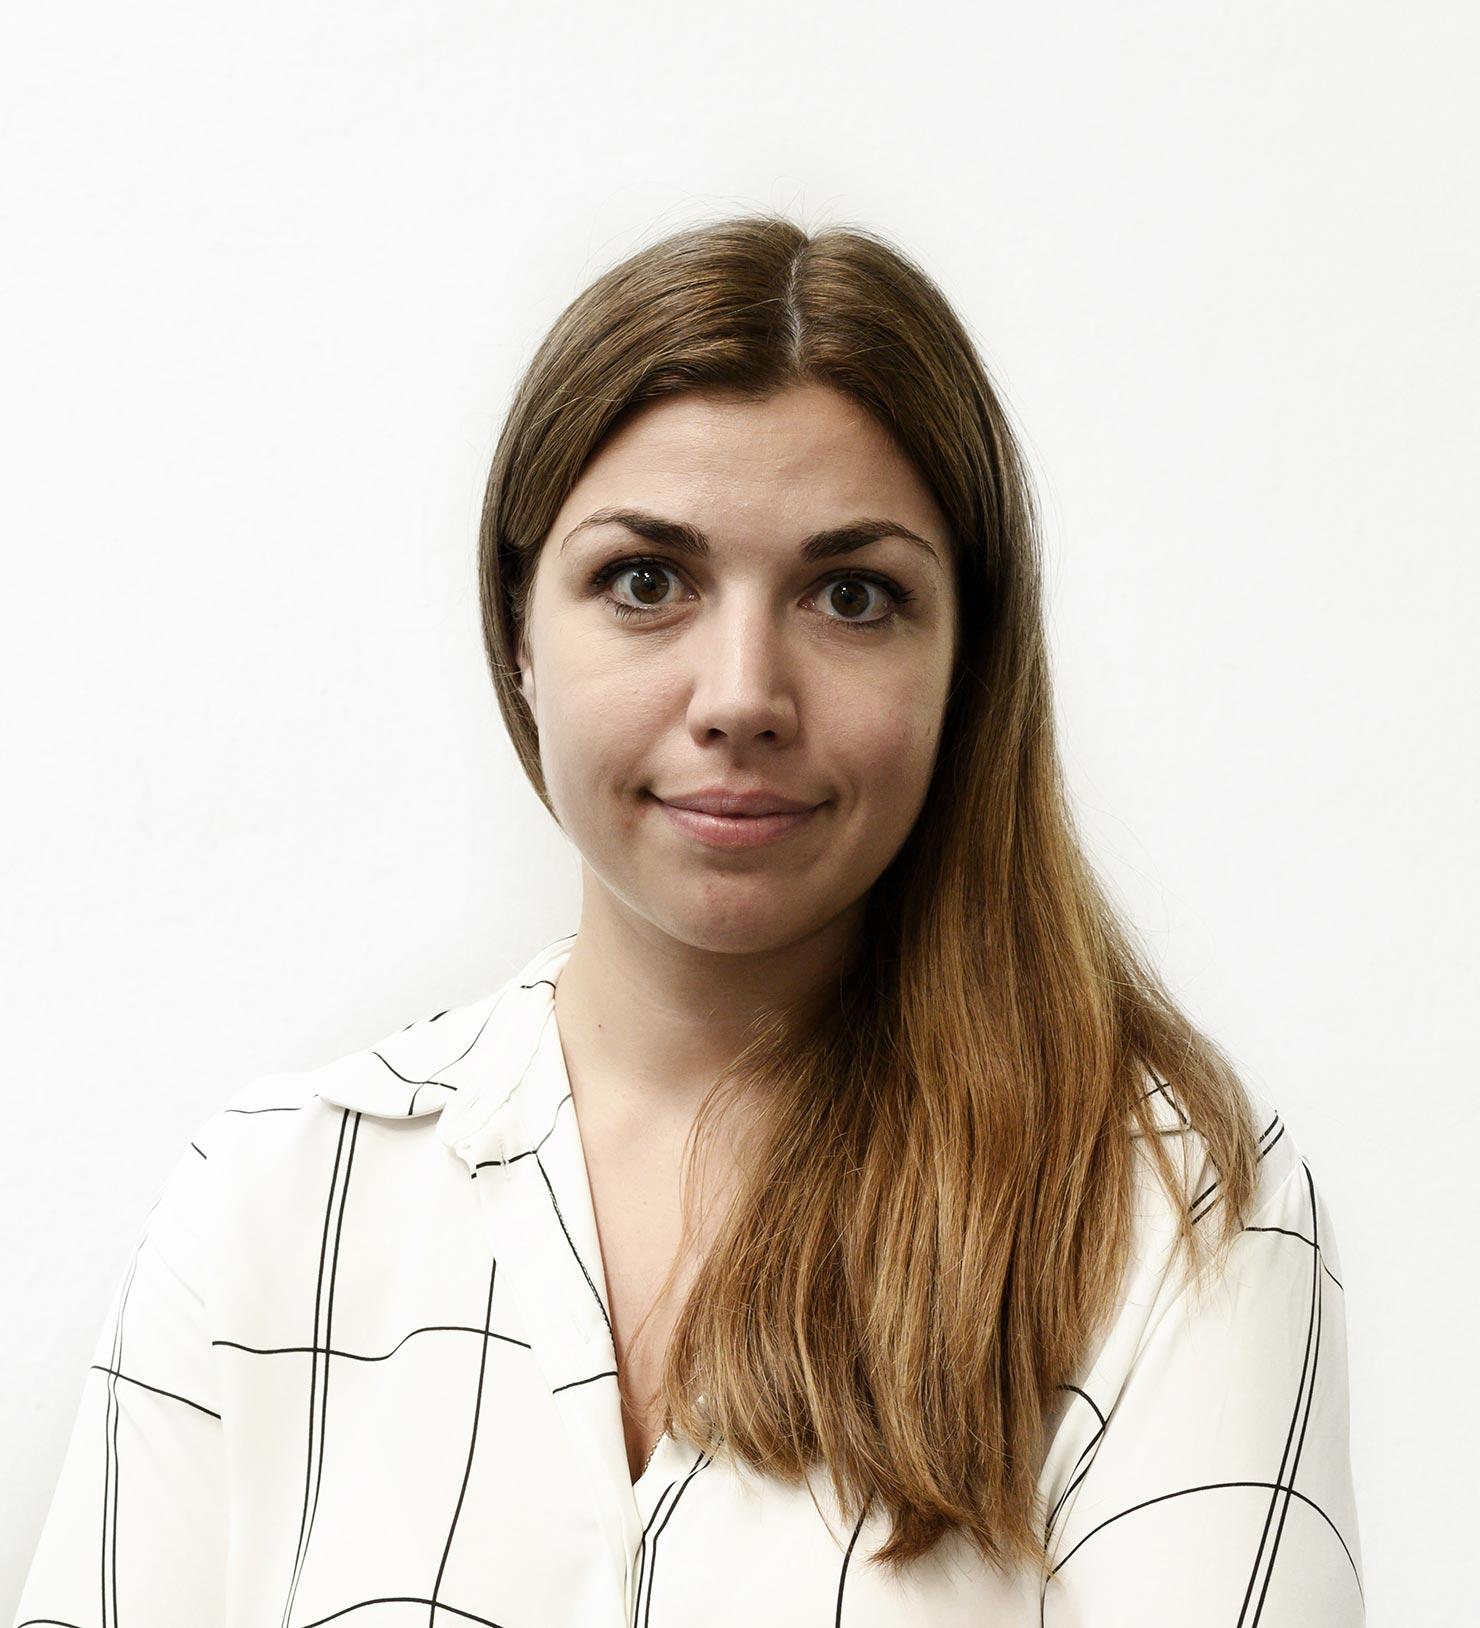 Luisa Steininger